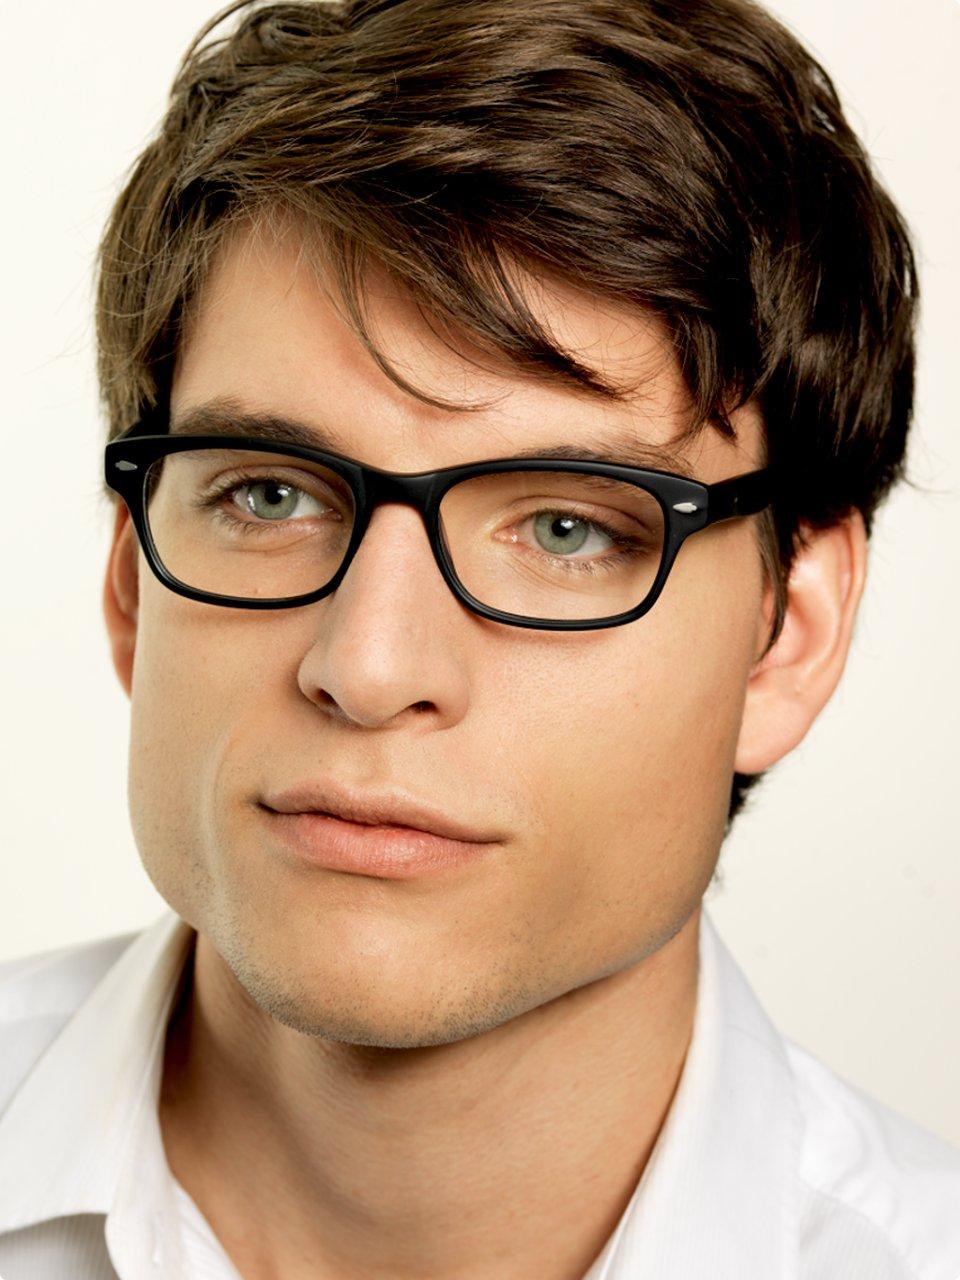 Imagolasit on in – myös tavallinen silmälasien käyttäjä on muodikas